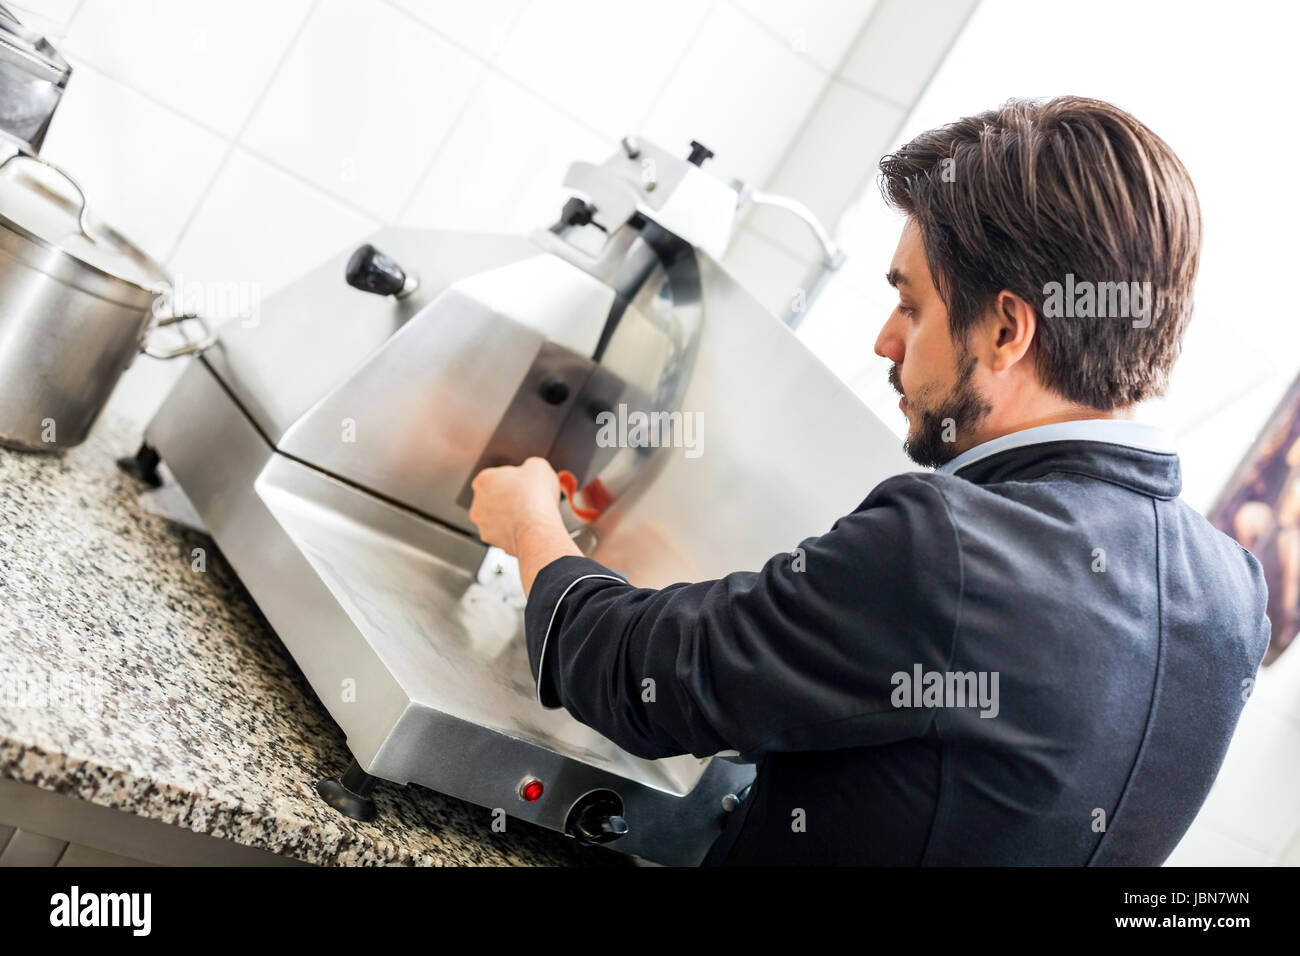 Schneidemaschine Küche   Chefkoch Schneidet Frischen Schinken Auf Der Schneidemaschine In